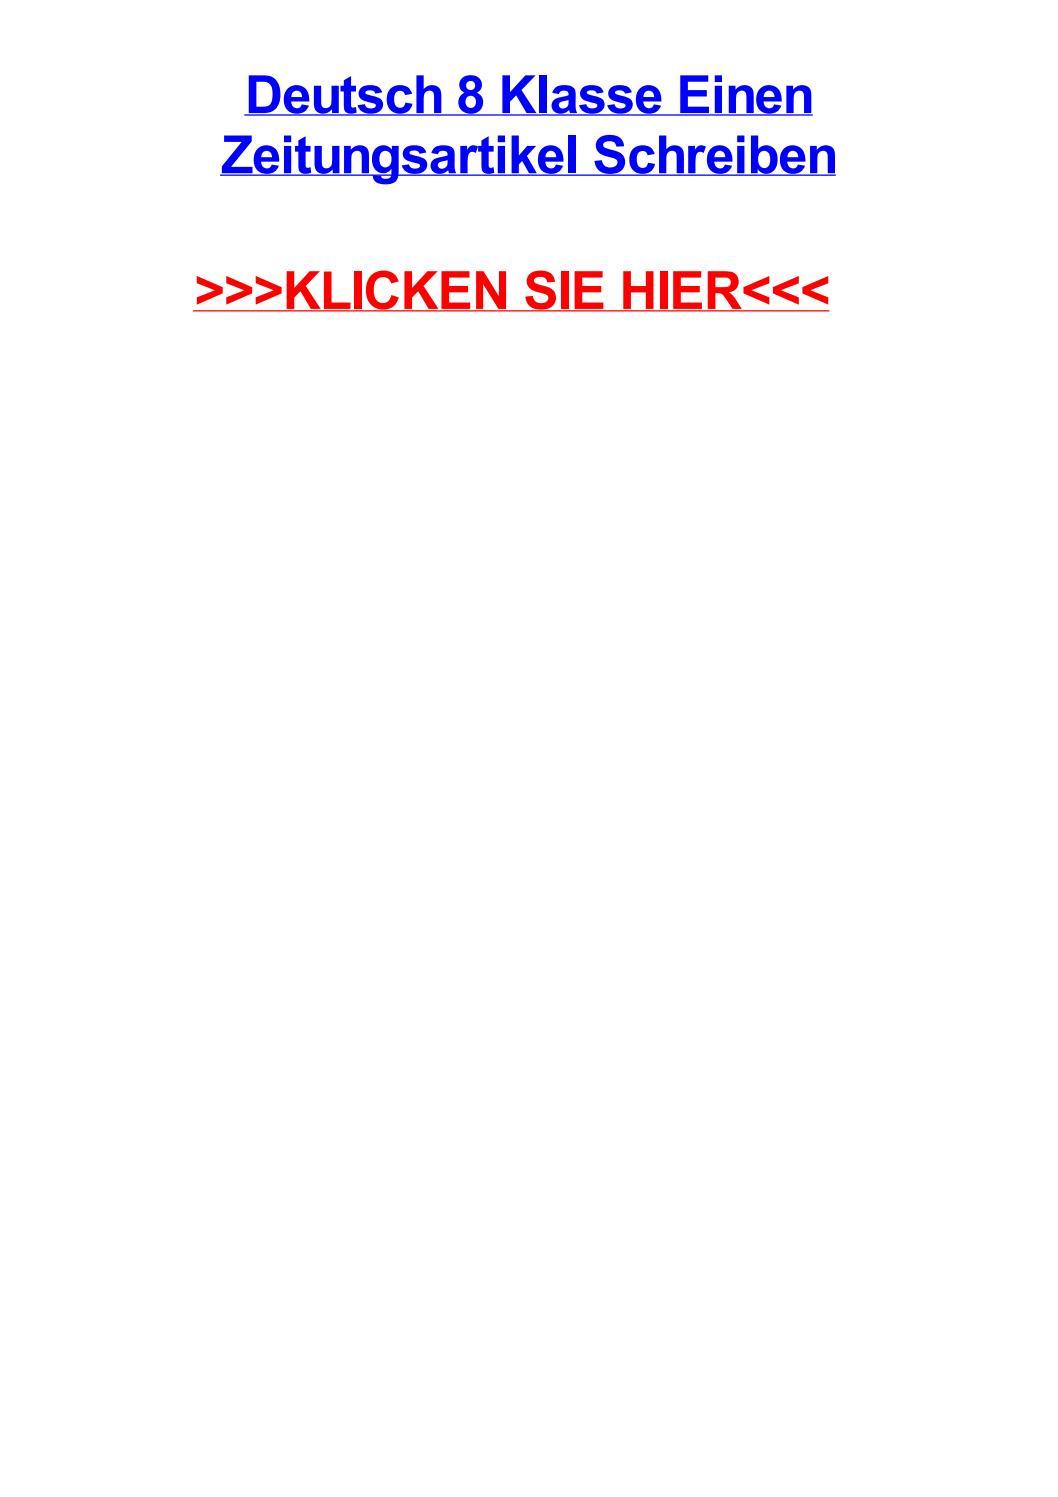 Deutsch 8 klasse einen zeitungsartikel schreiben by jayyaqn - issuu